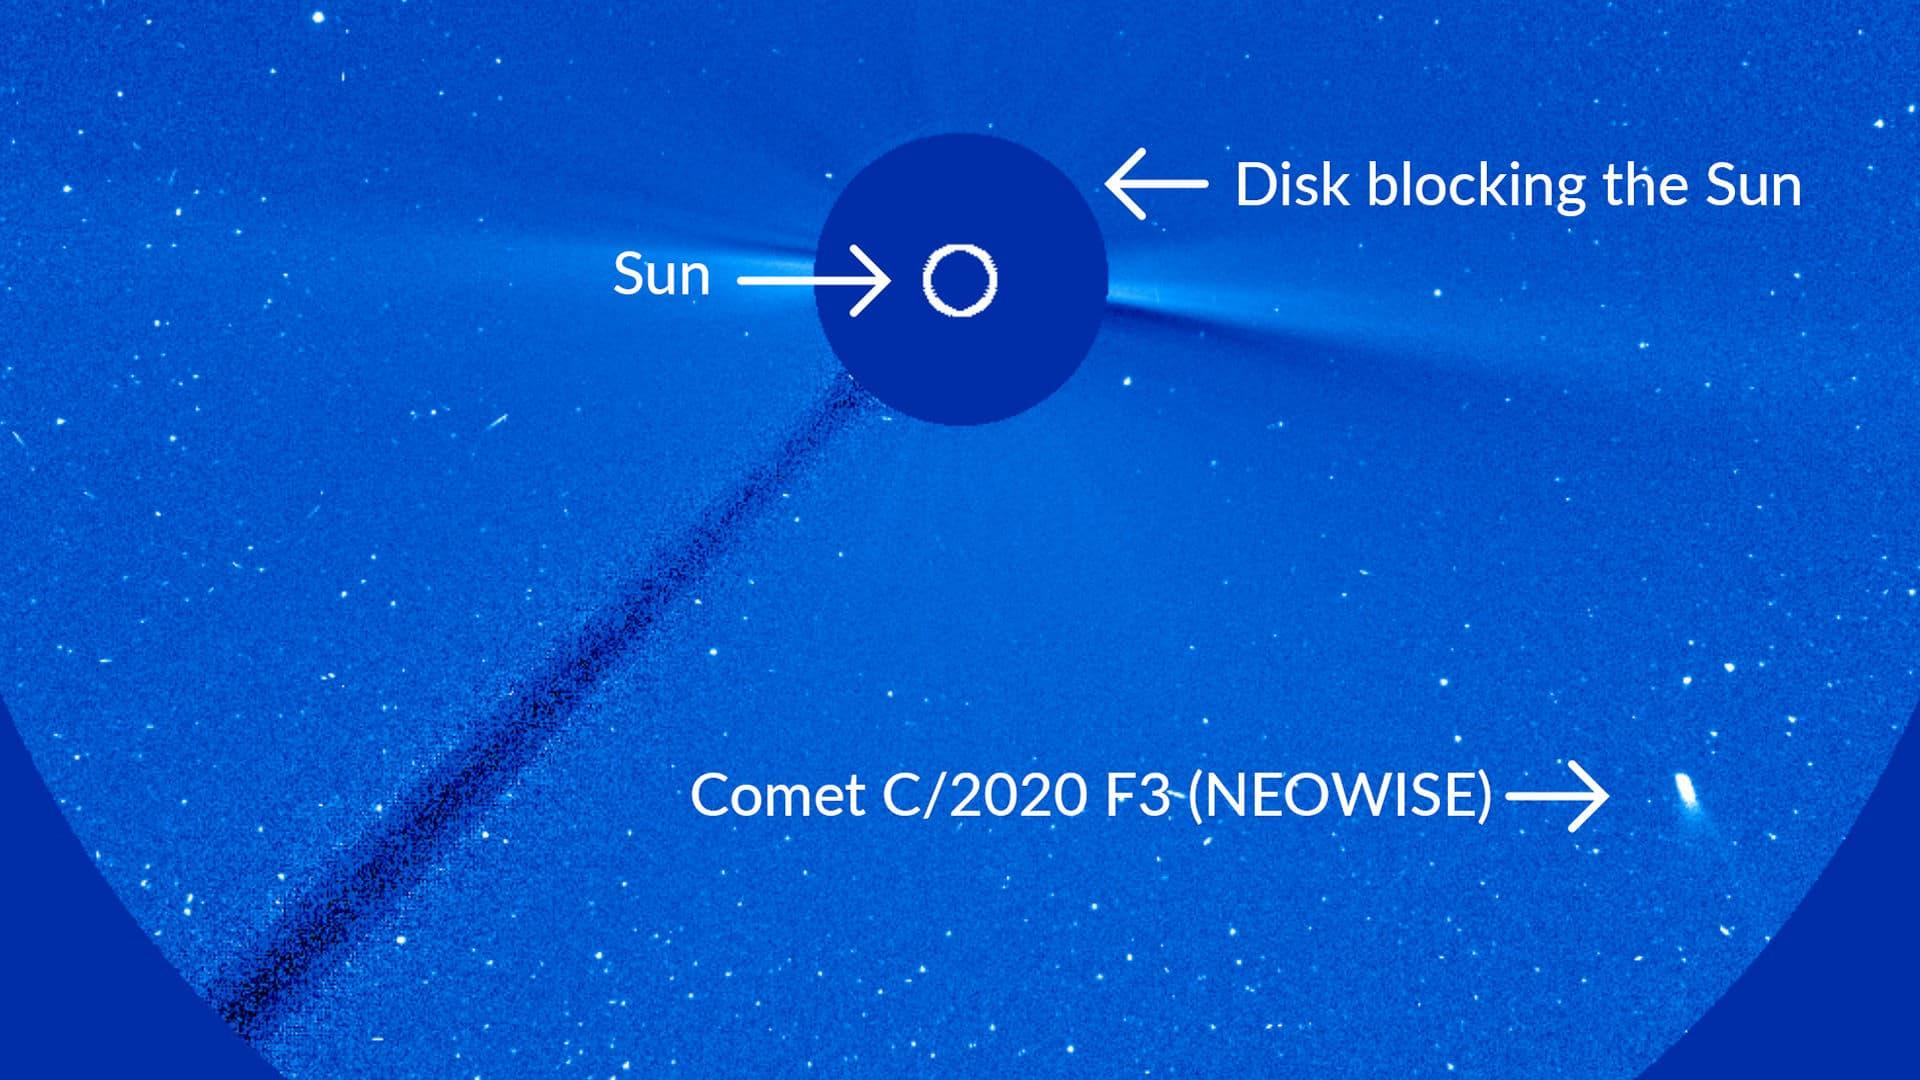 La Cometa NEOWISE (C/2020 F3) sopravviverà al perielio?